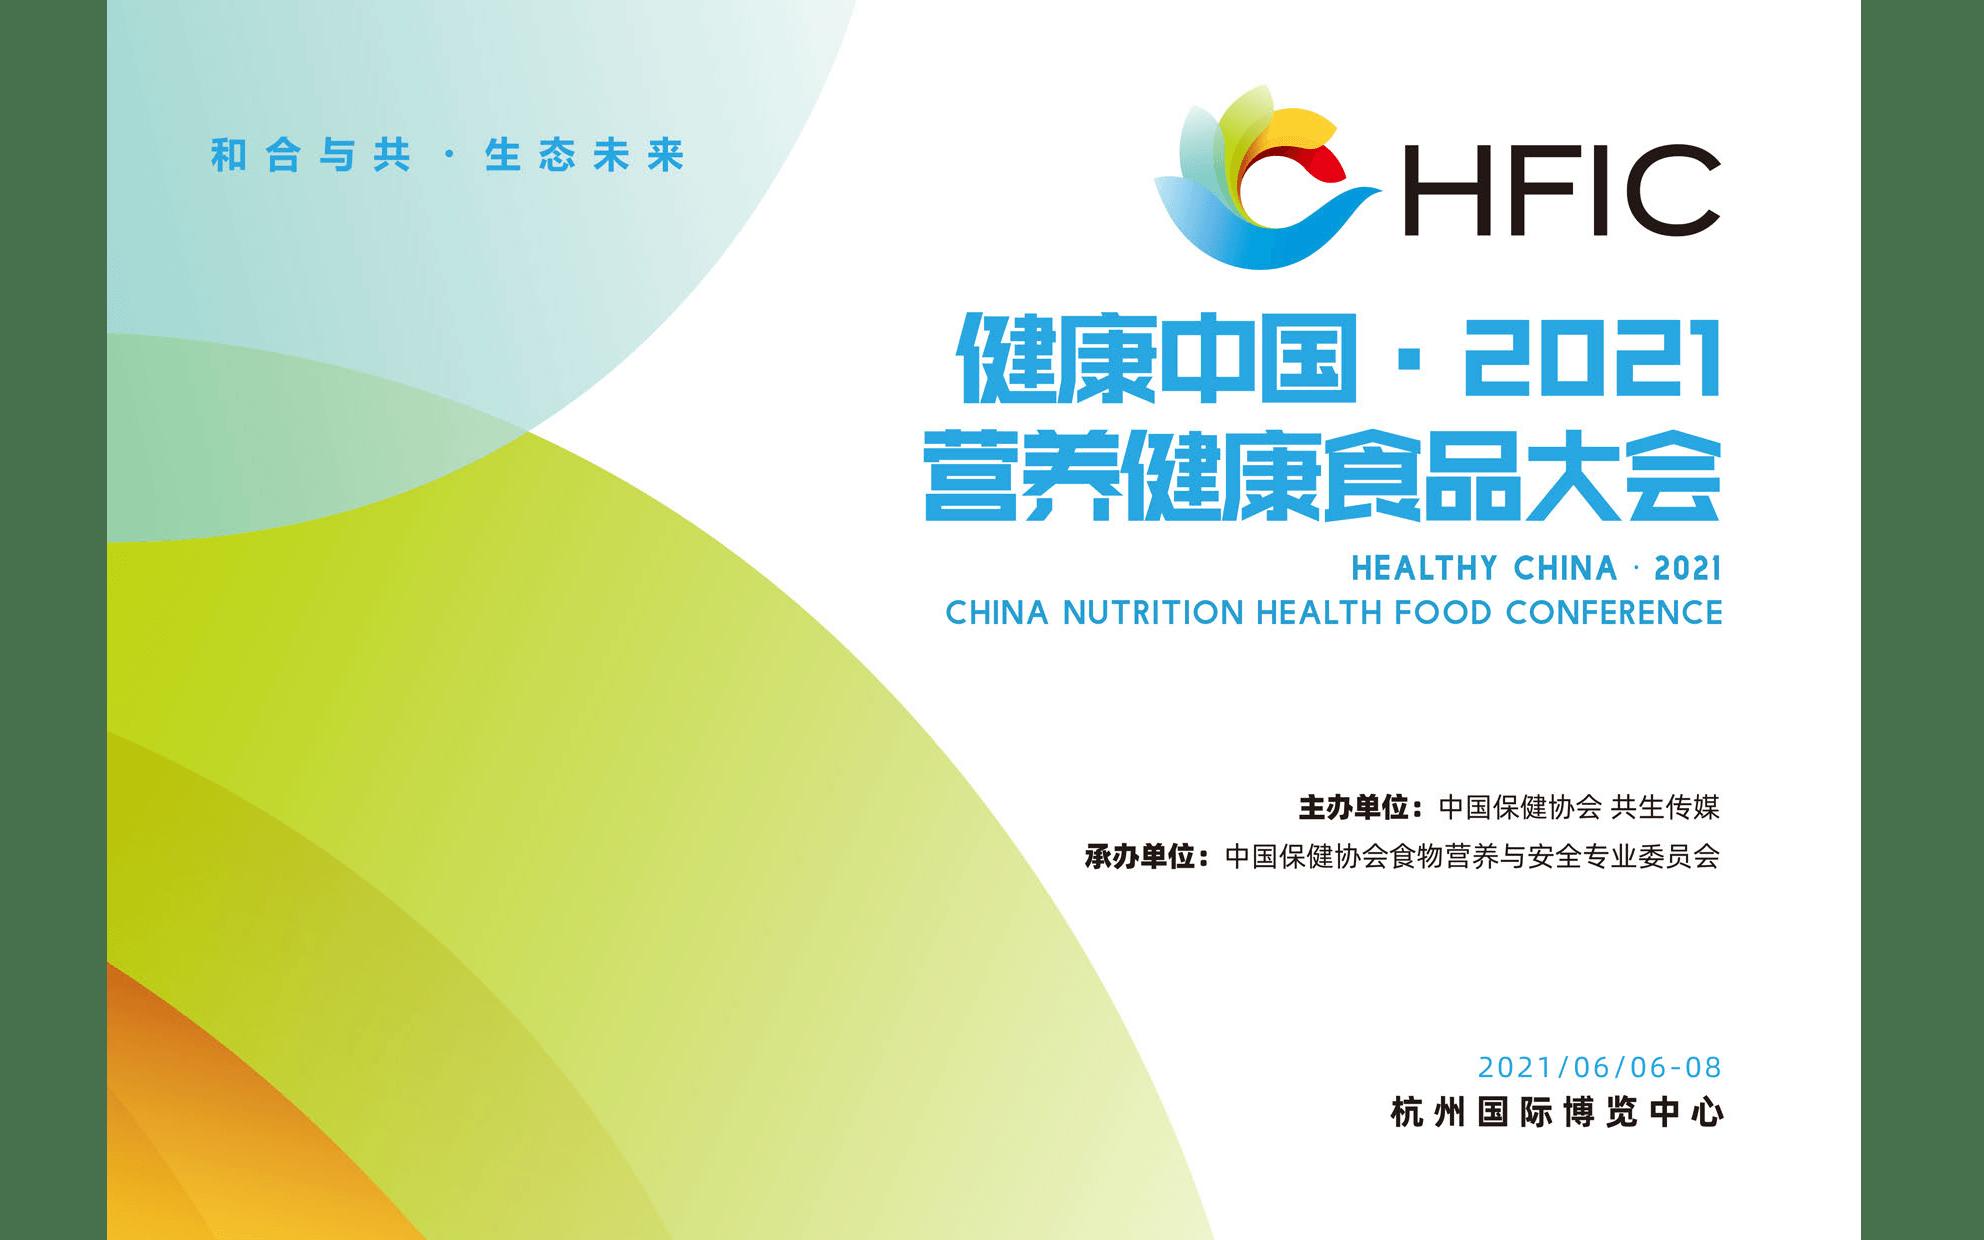 健康中國 · 2021營養健康食品大會